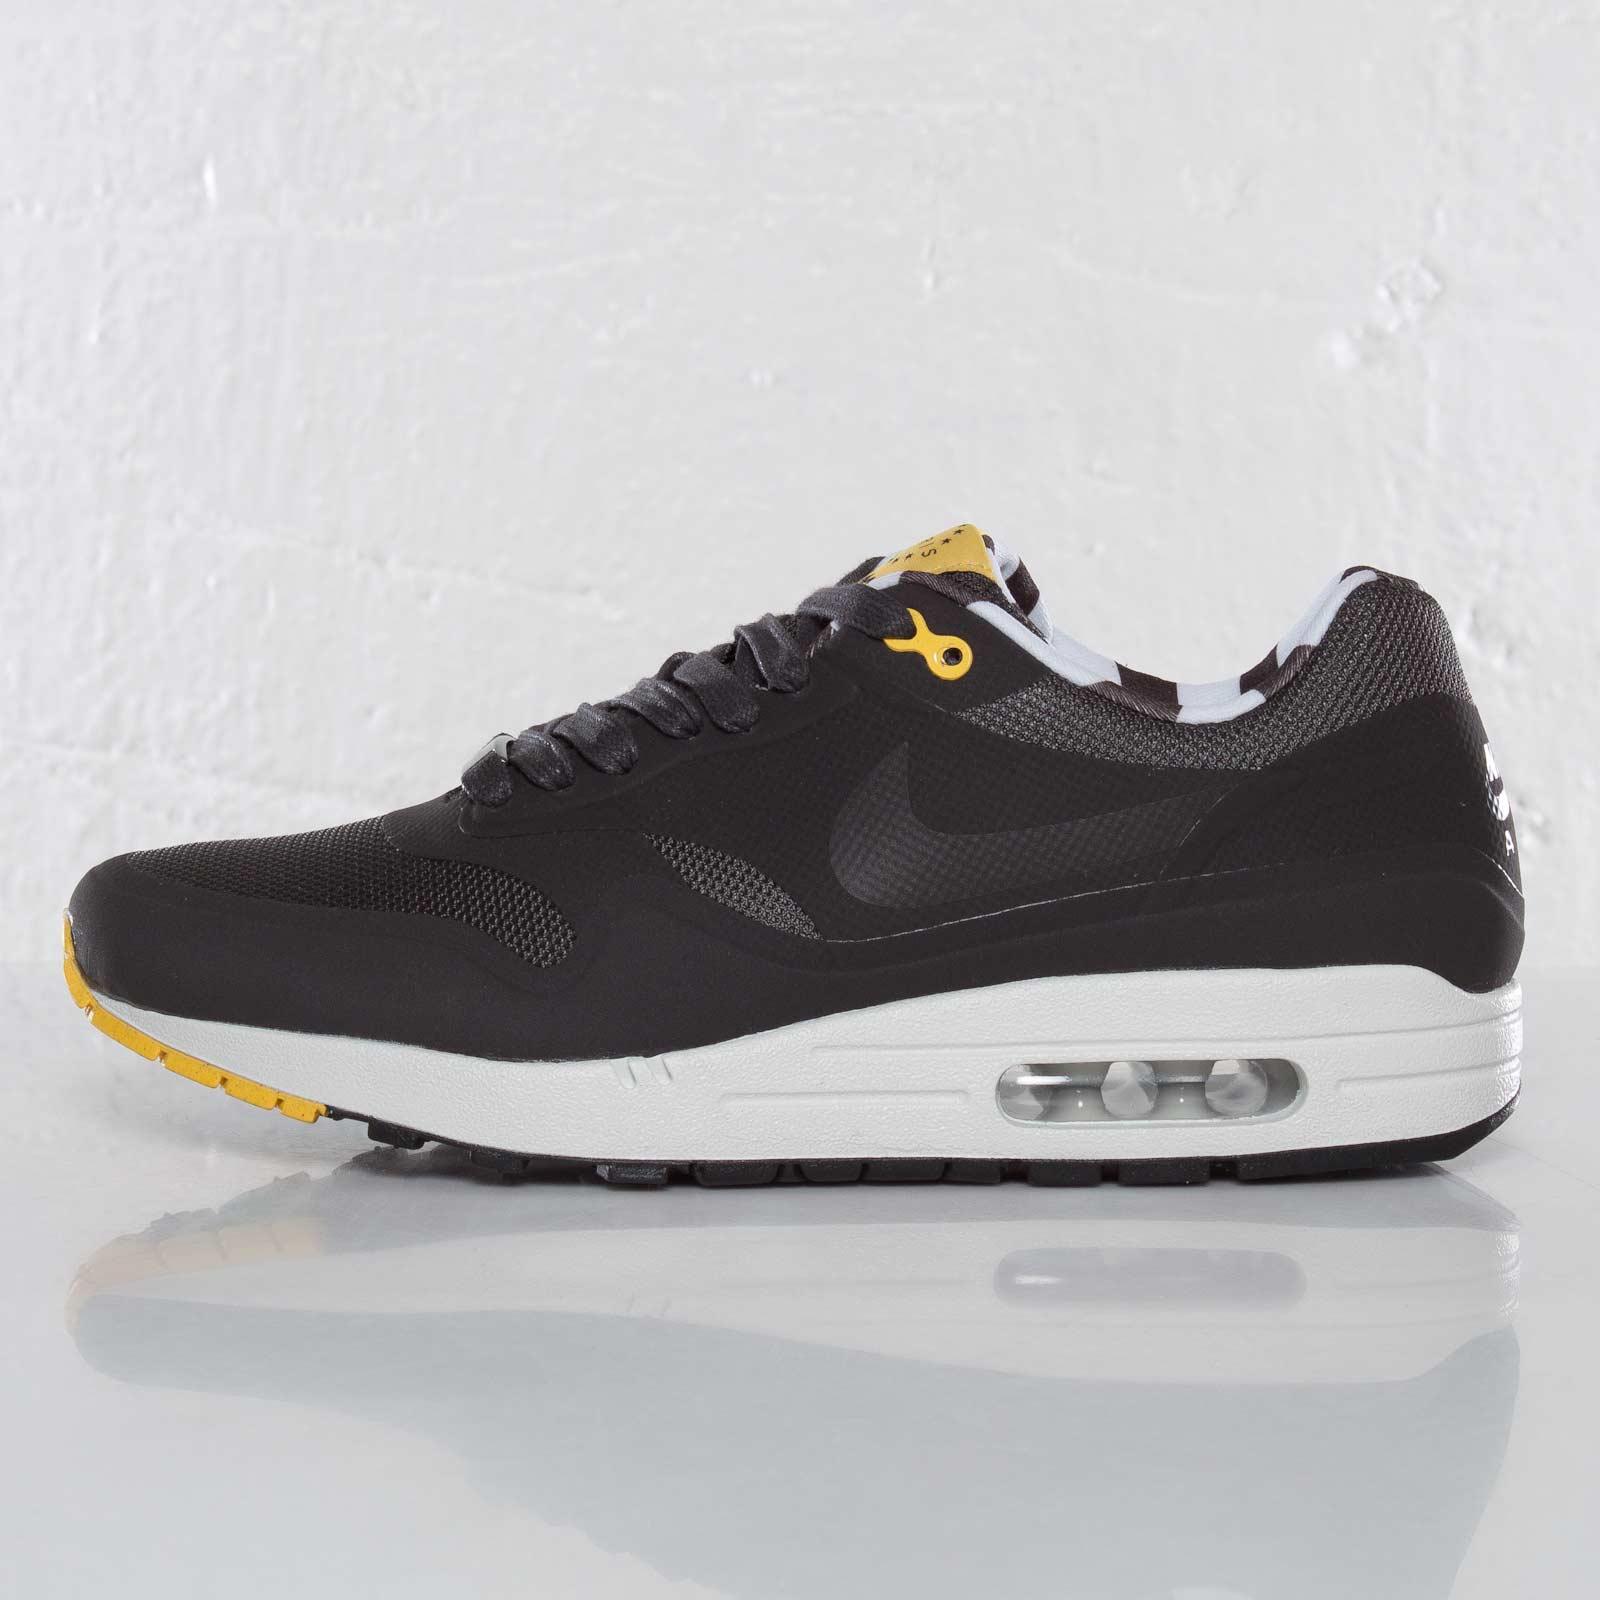 sports shoes 6e468 dcea5 Nike Air Max 1 Paris QS - 8. Close